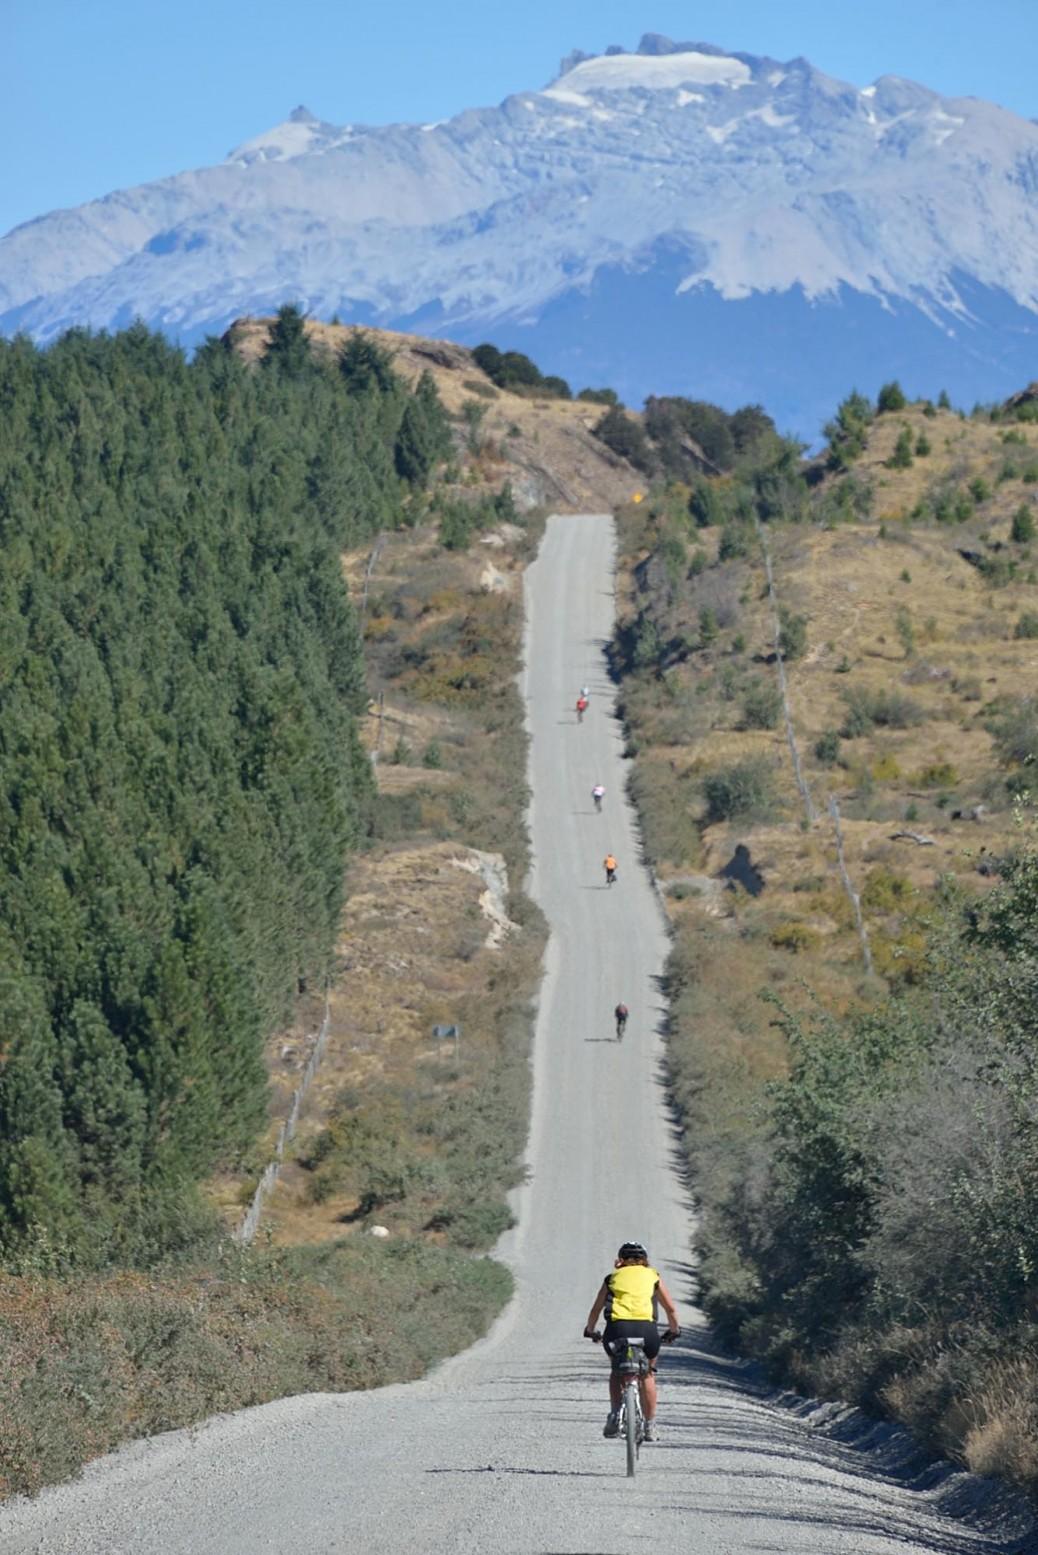 未舗装の道が大半を占めるアウストラル街道。高低差は1000m以上と勾配がきつい。ツアーで荷物なしで周るサイクリストたちもたくさん。実は先頭を走っているのがわたしです。